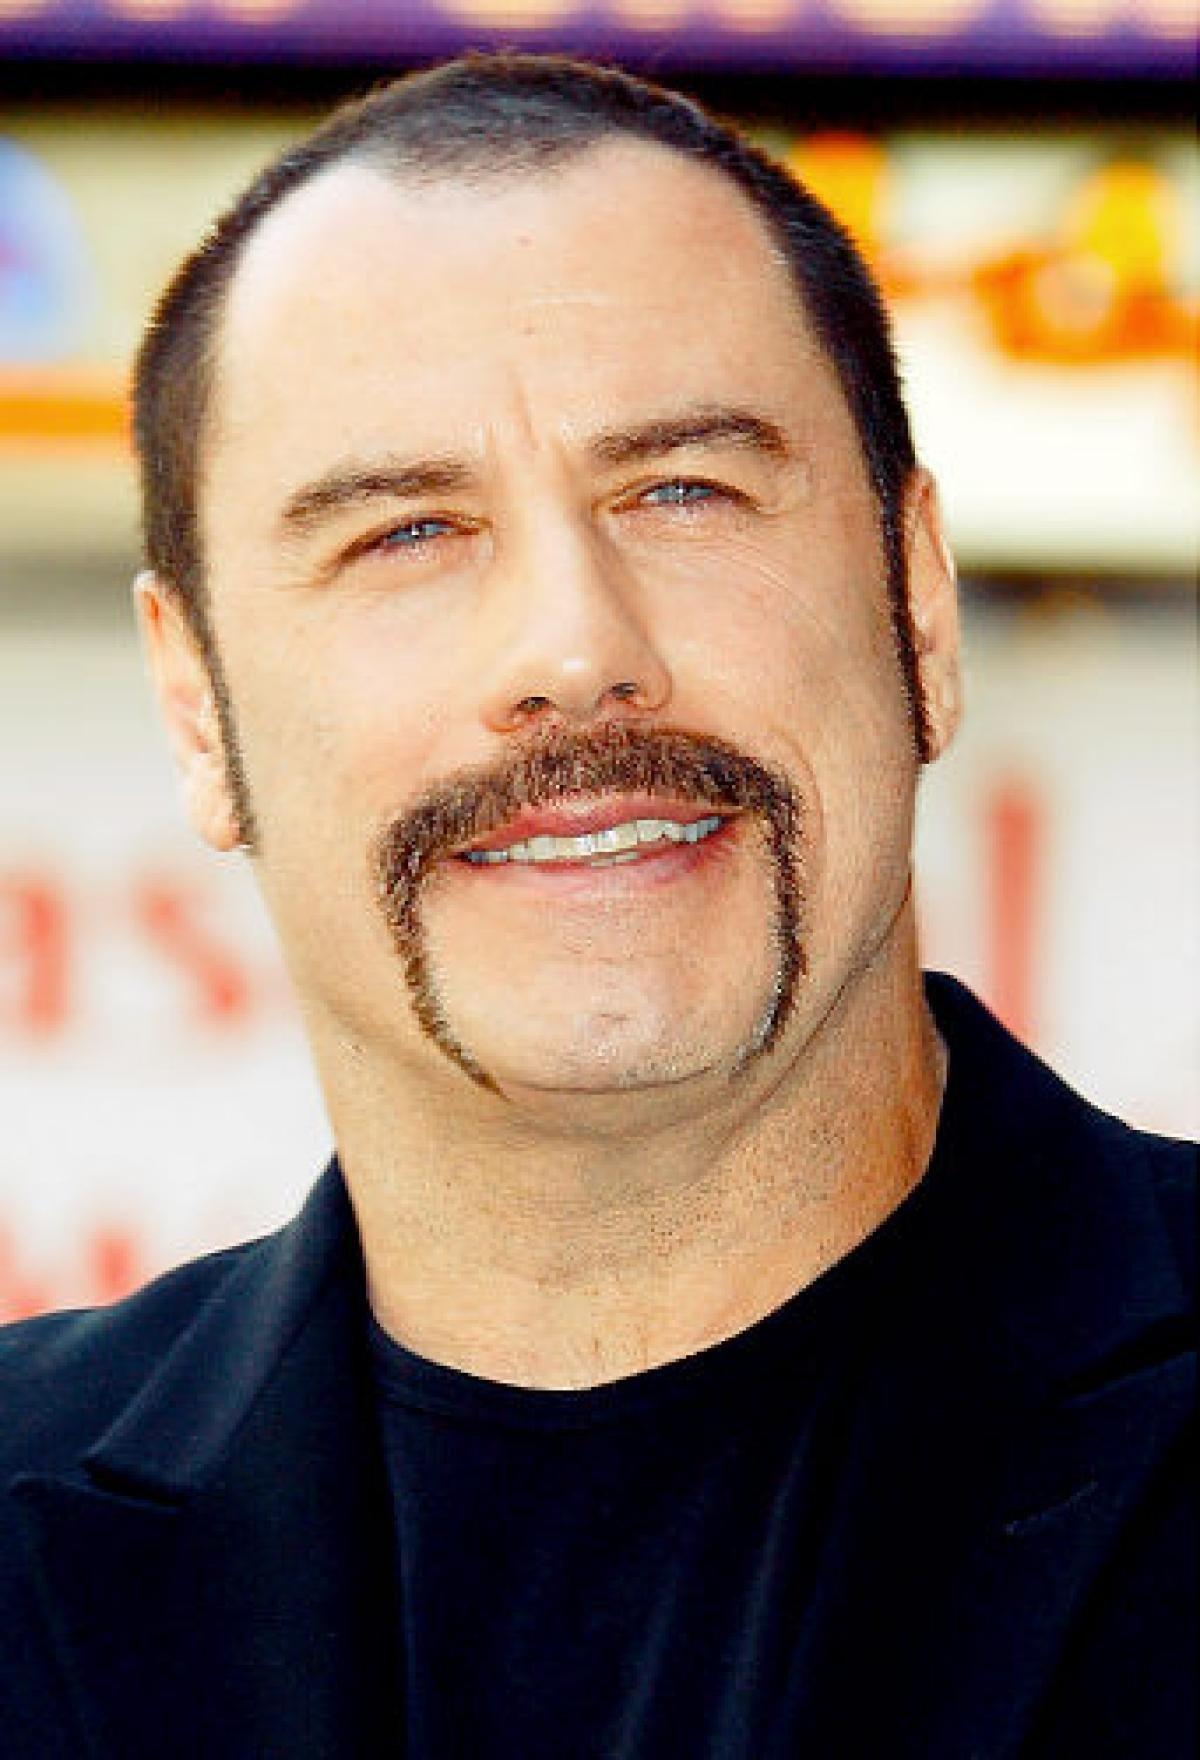 фотография является мексиканский актер с усами фото и названия выбора